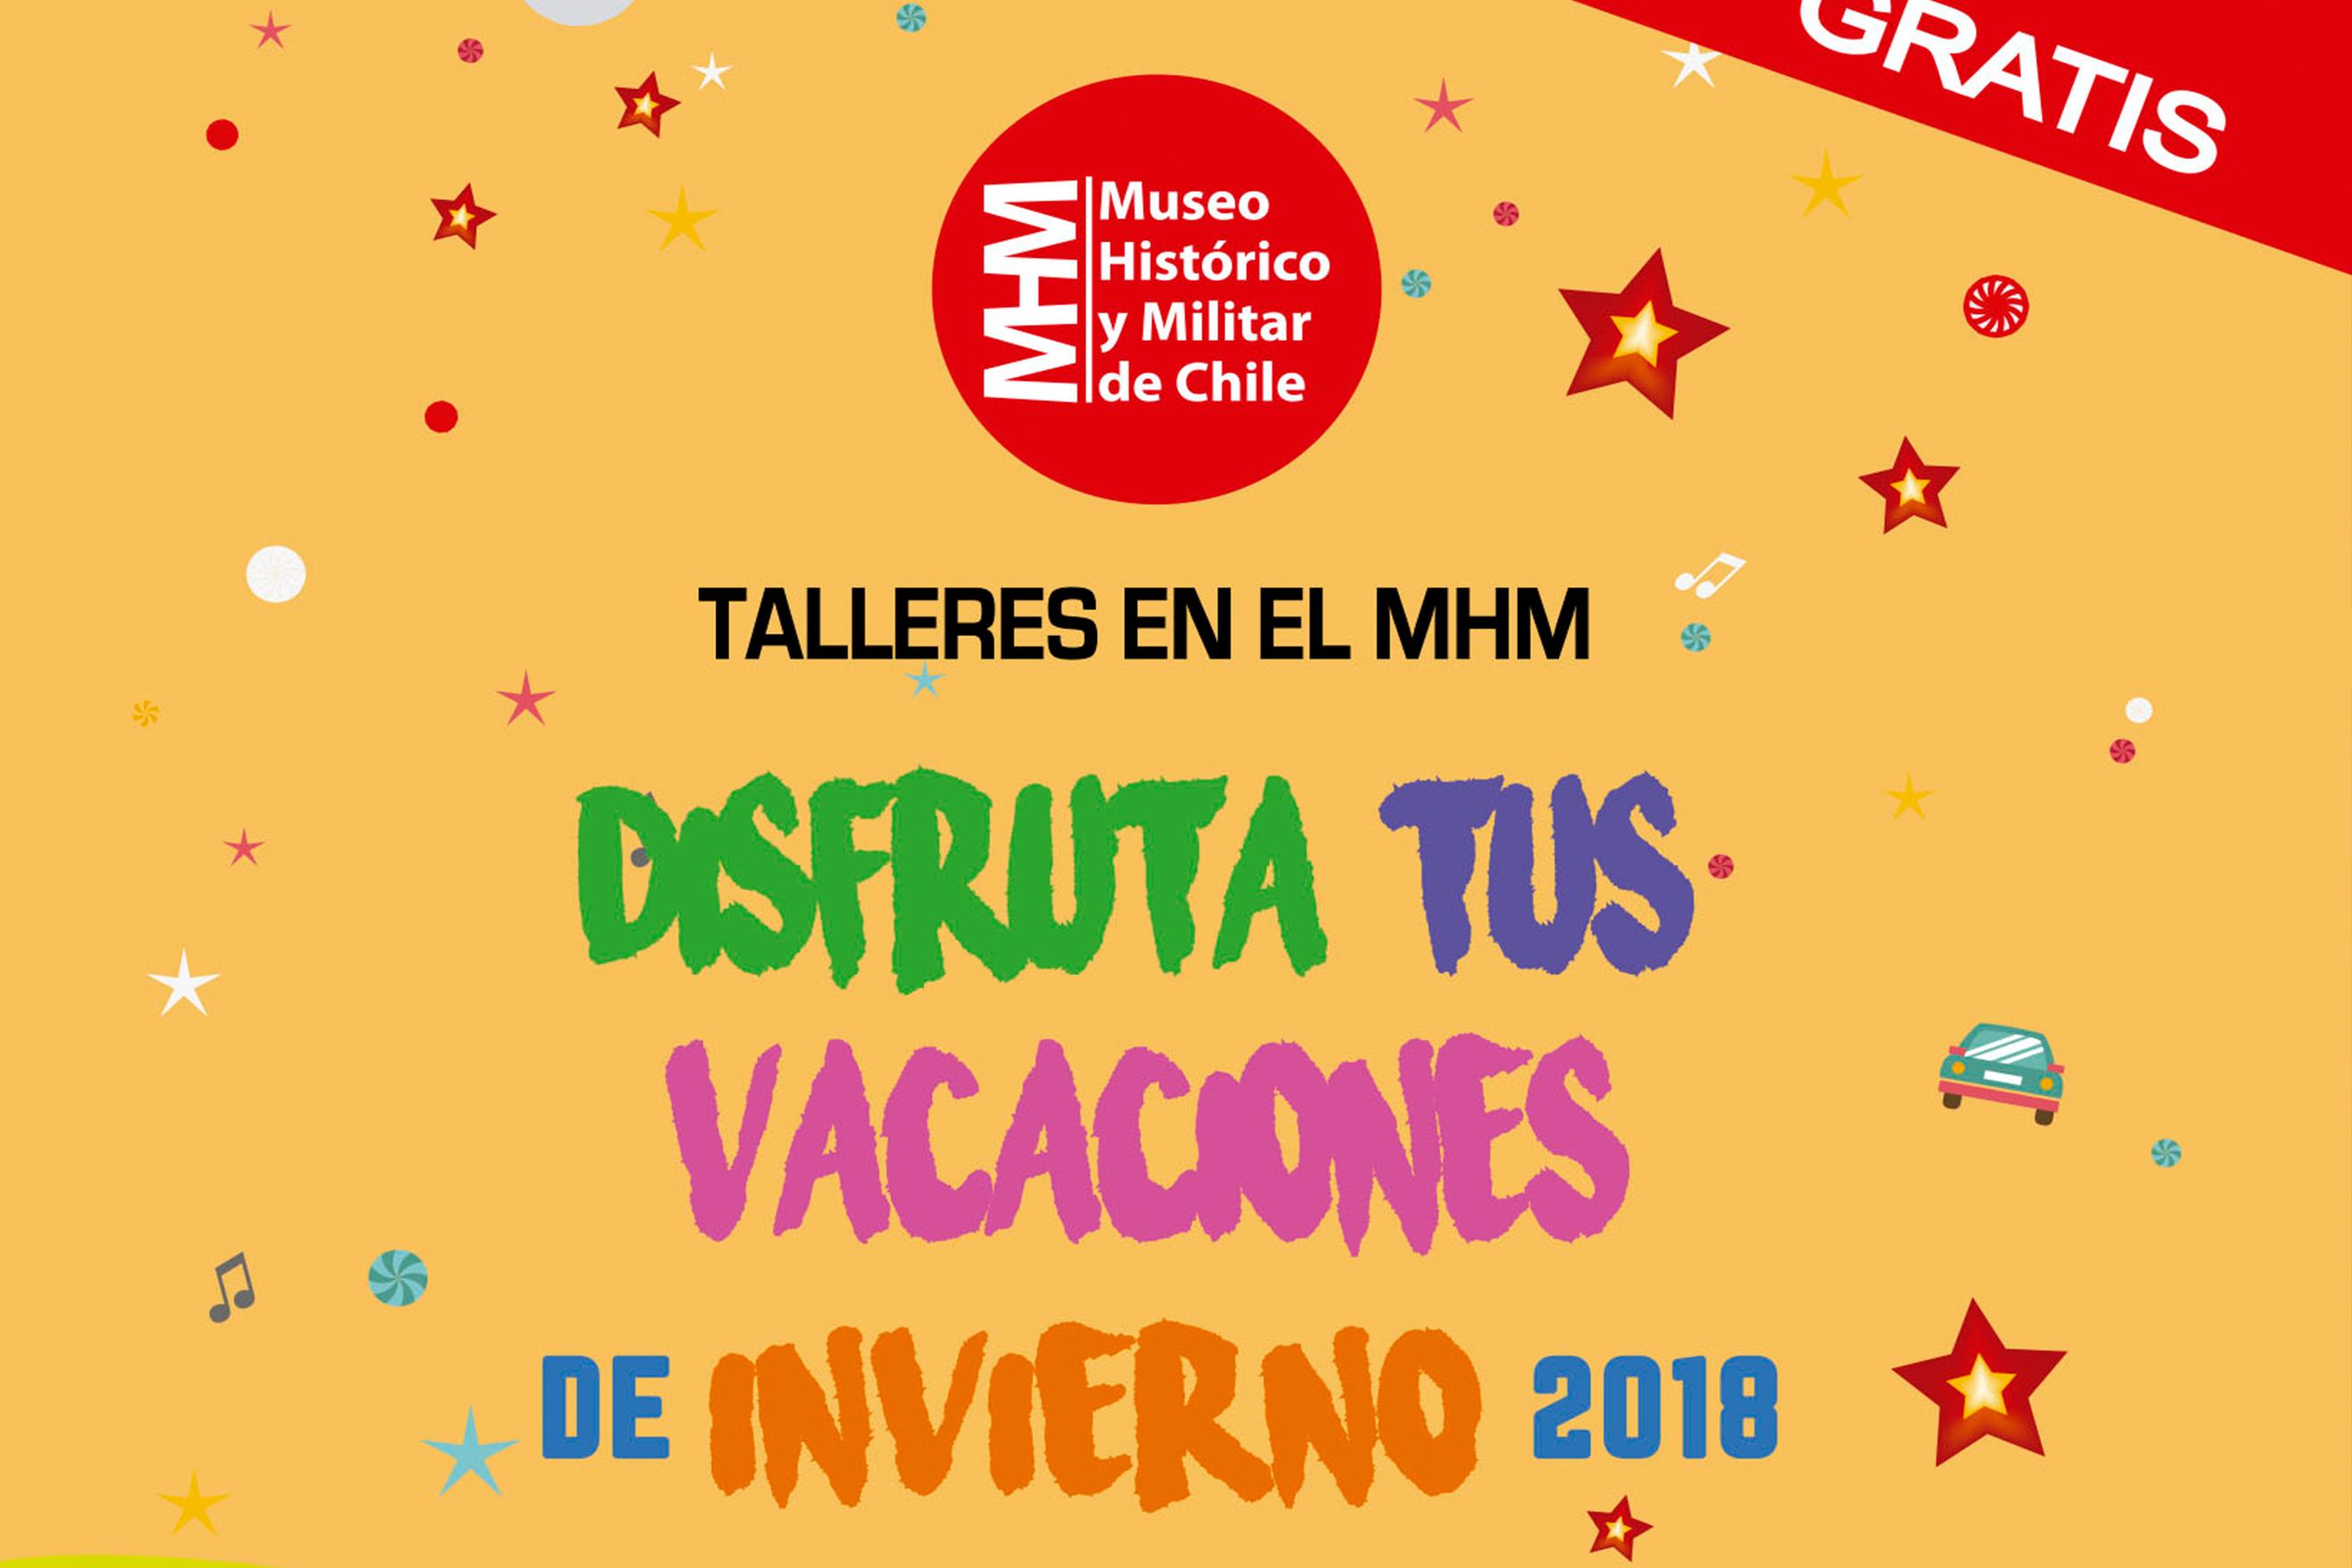 Museo Histórico y Militar